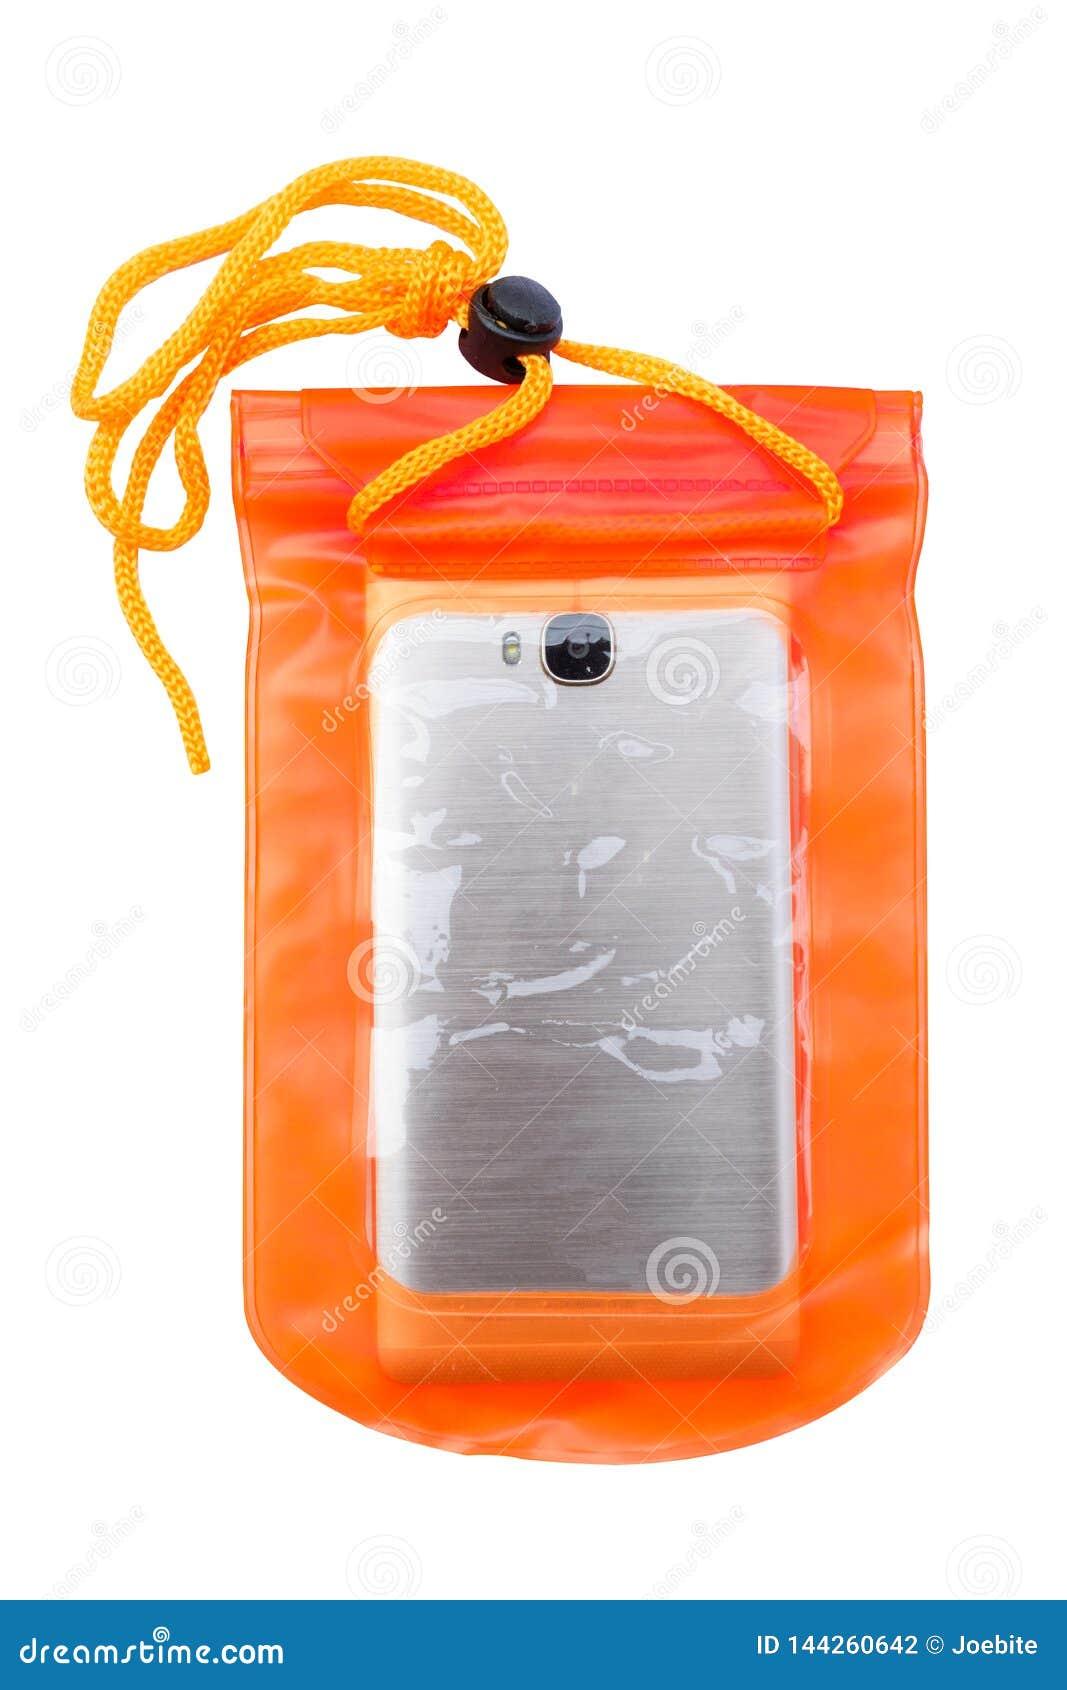 Orange vattent?tt mobiltelefonfall som isoleras p? vit bakgrund P?se f?r PVC-vinandel?s att skydda mobiltelefonen och viktiga obj